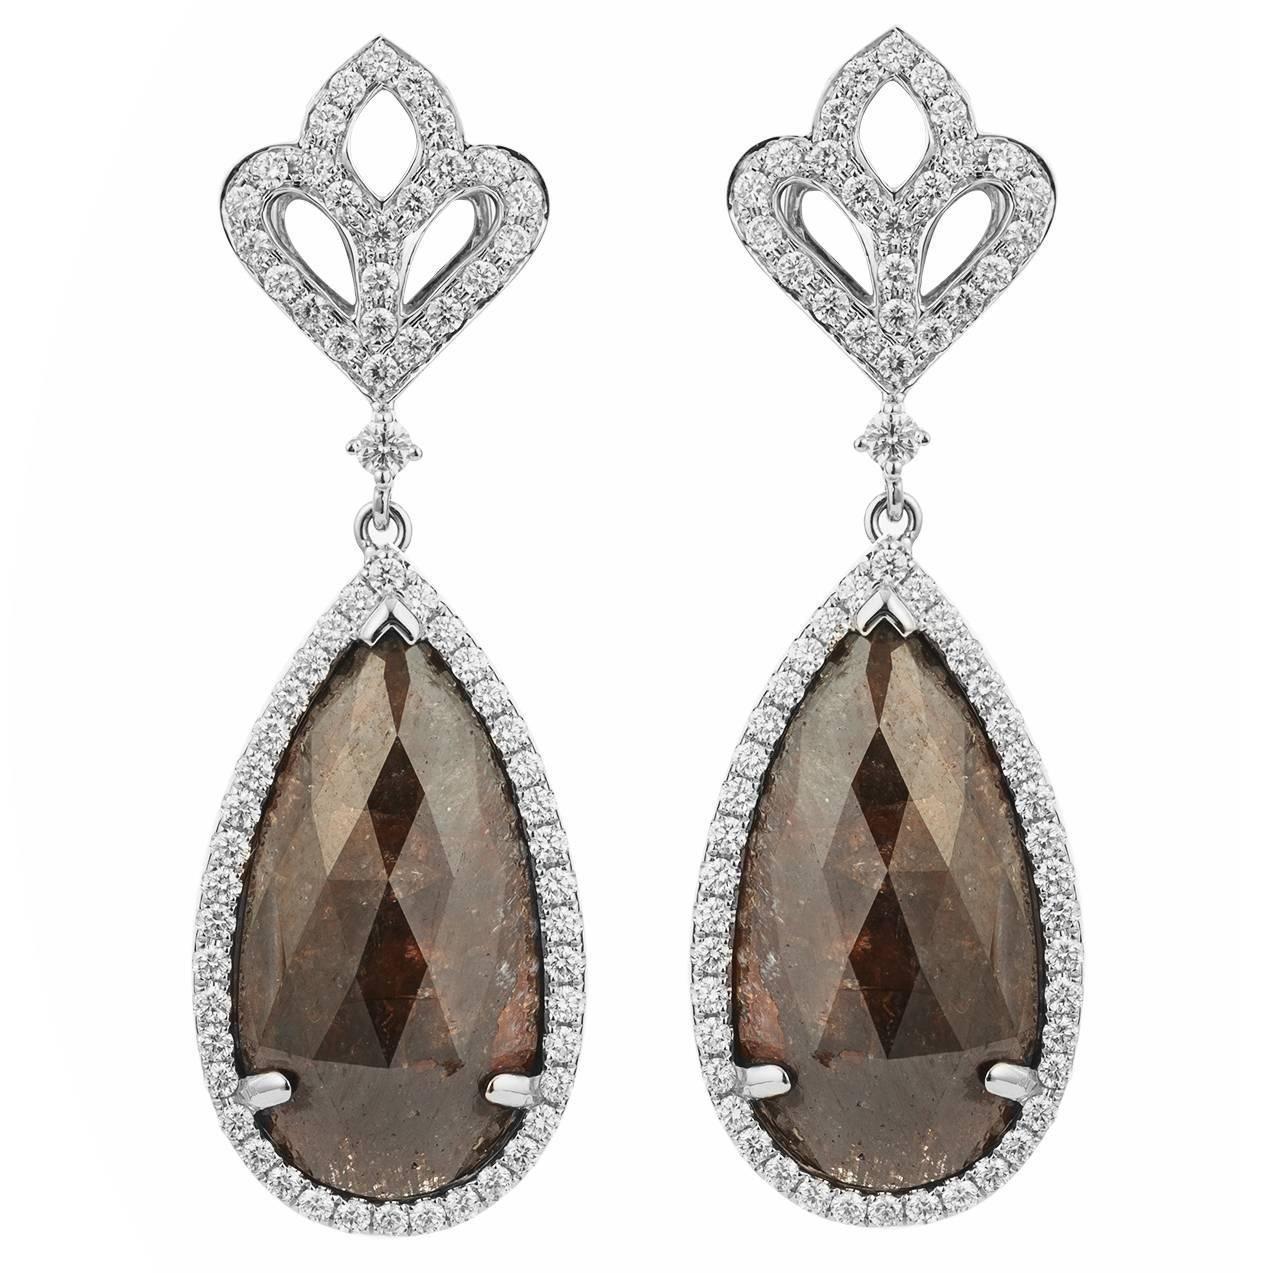 Milky Brown Diamond gold Chandelier Earrings | From a unique collection of vintage chandelier earrings at https://www.1stdibs.com/jewelry/earrings/chandelier-earrings/